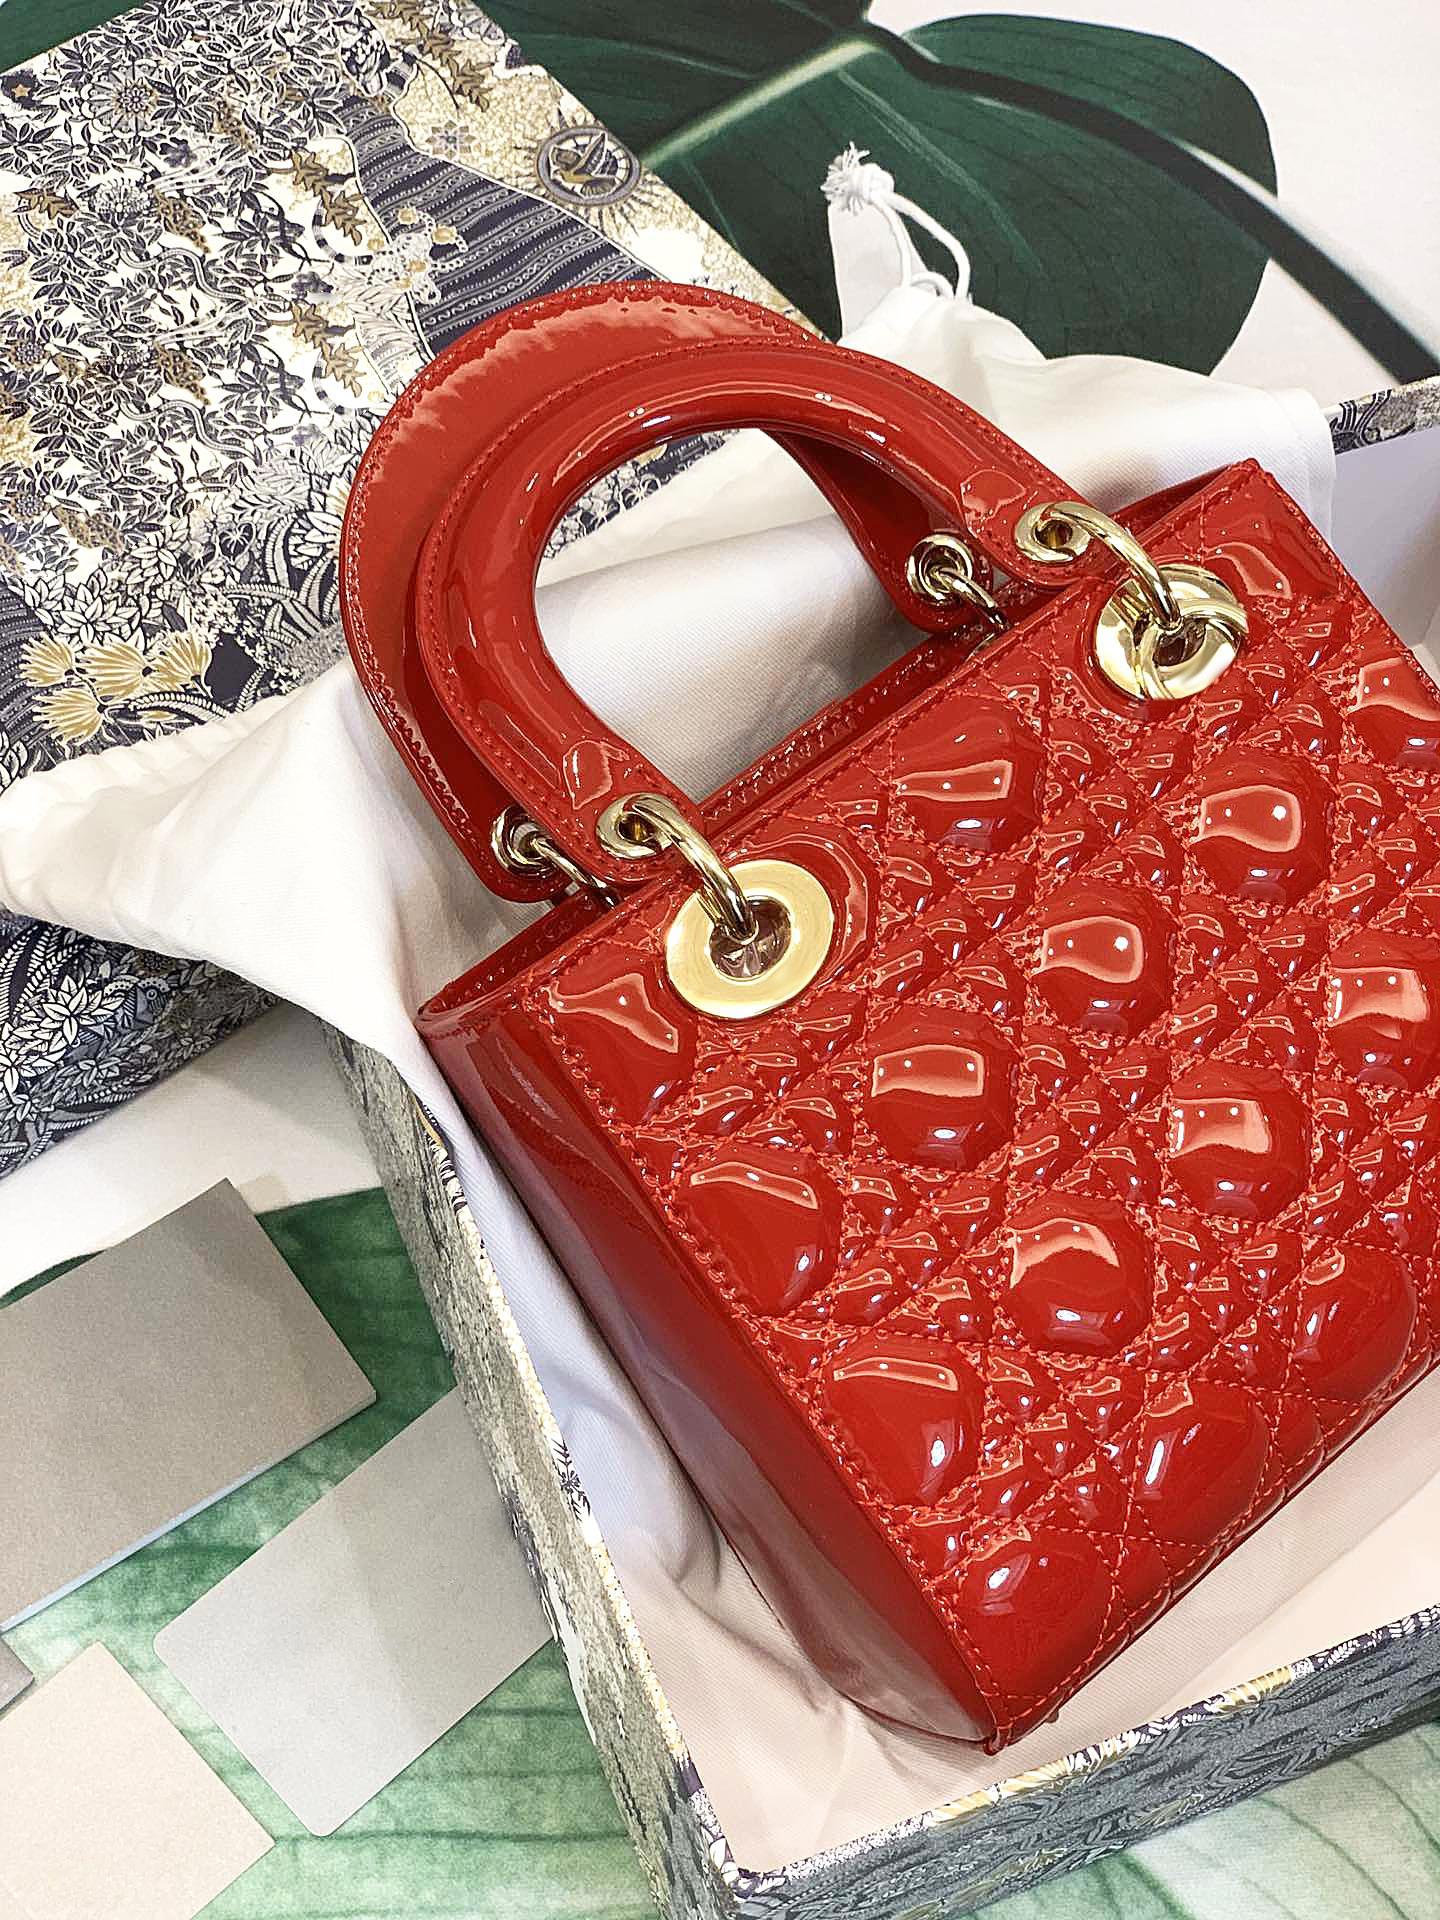 LvlouisSIRT ÇANTASIVittonlv Tasarımcılar Luxurys Deri Çanta Yüksek Çanta Çantaları Crossbody Çanta Kalite Kadın Messenger Taze Fashi Eolue